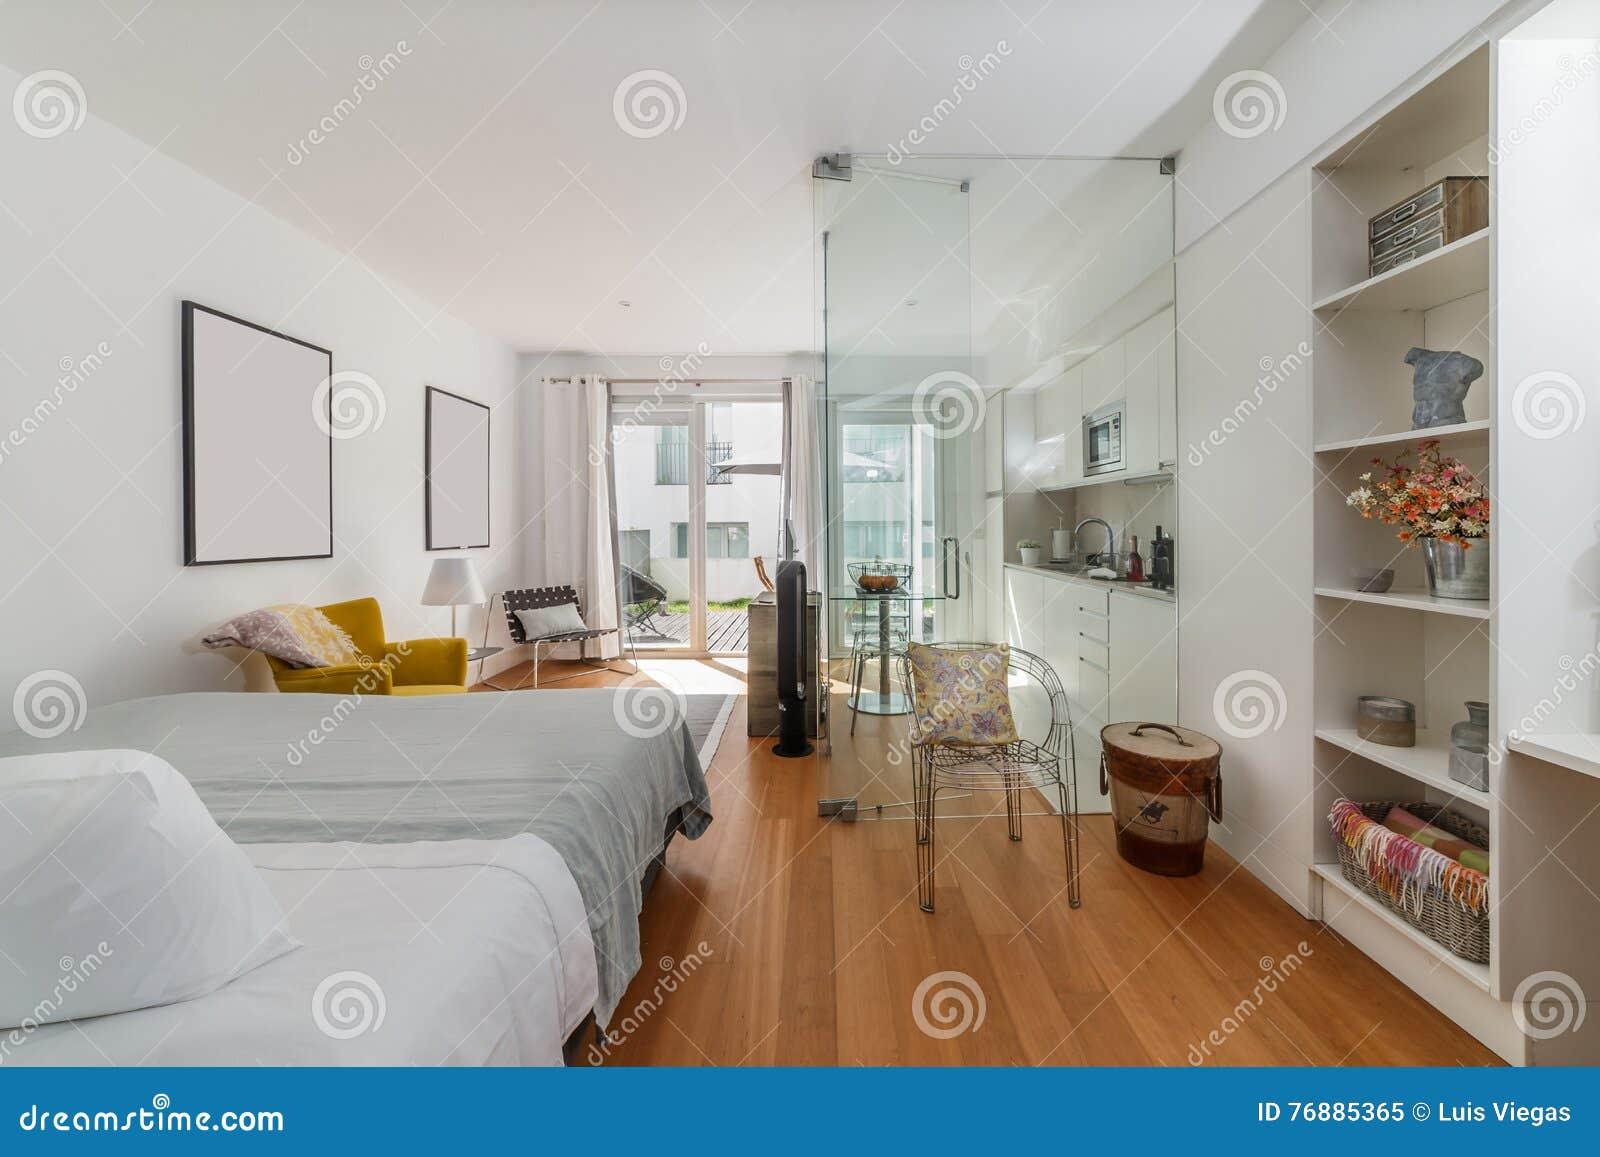 Genial Maison Simple Moderne De Chambre à Coucher